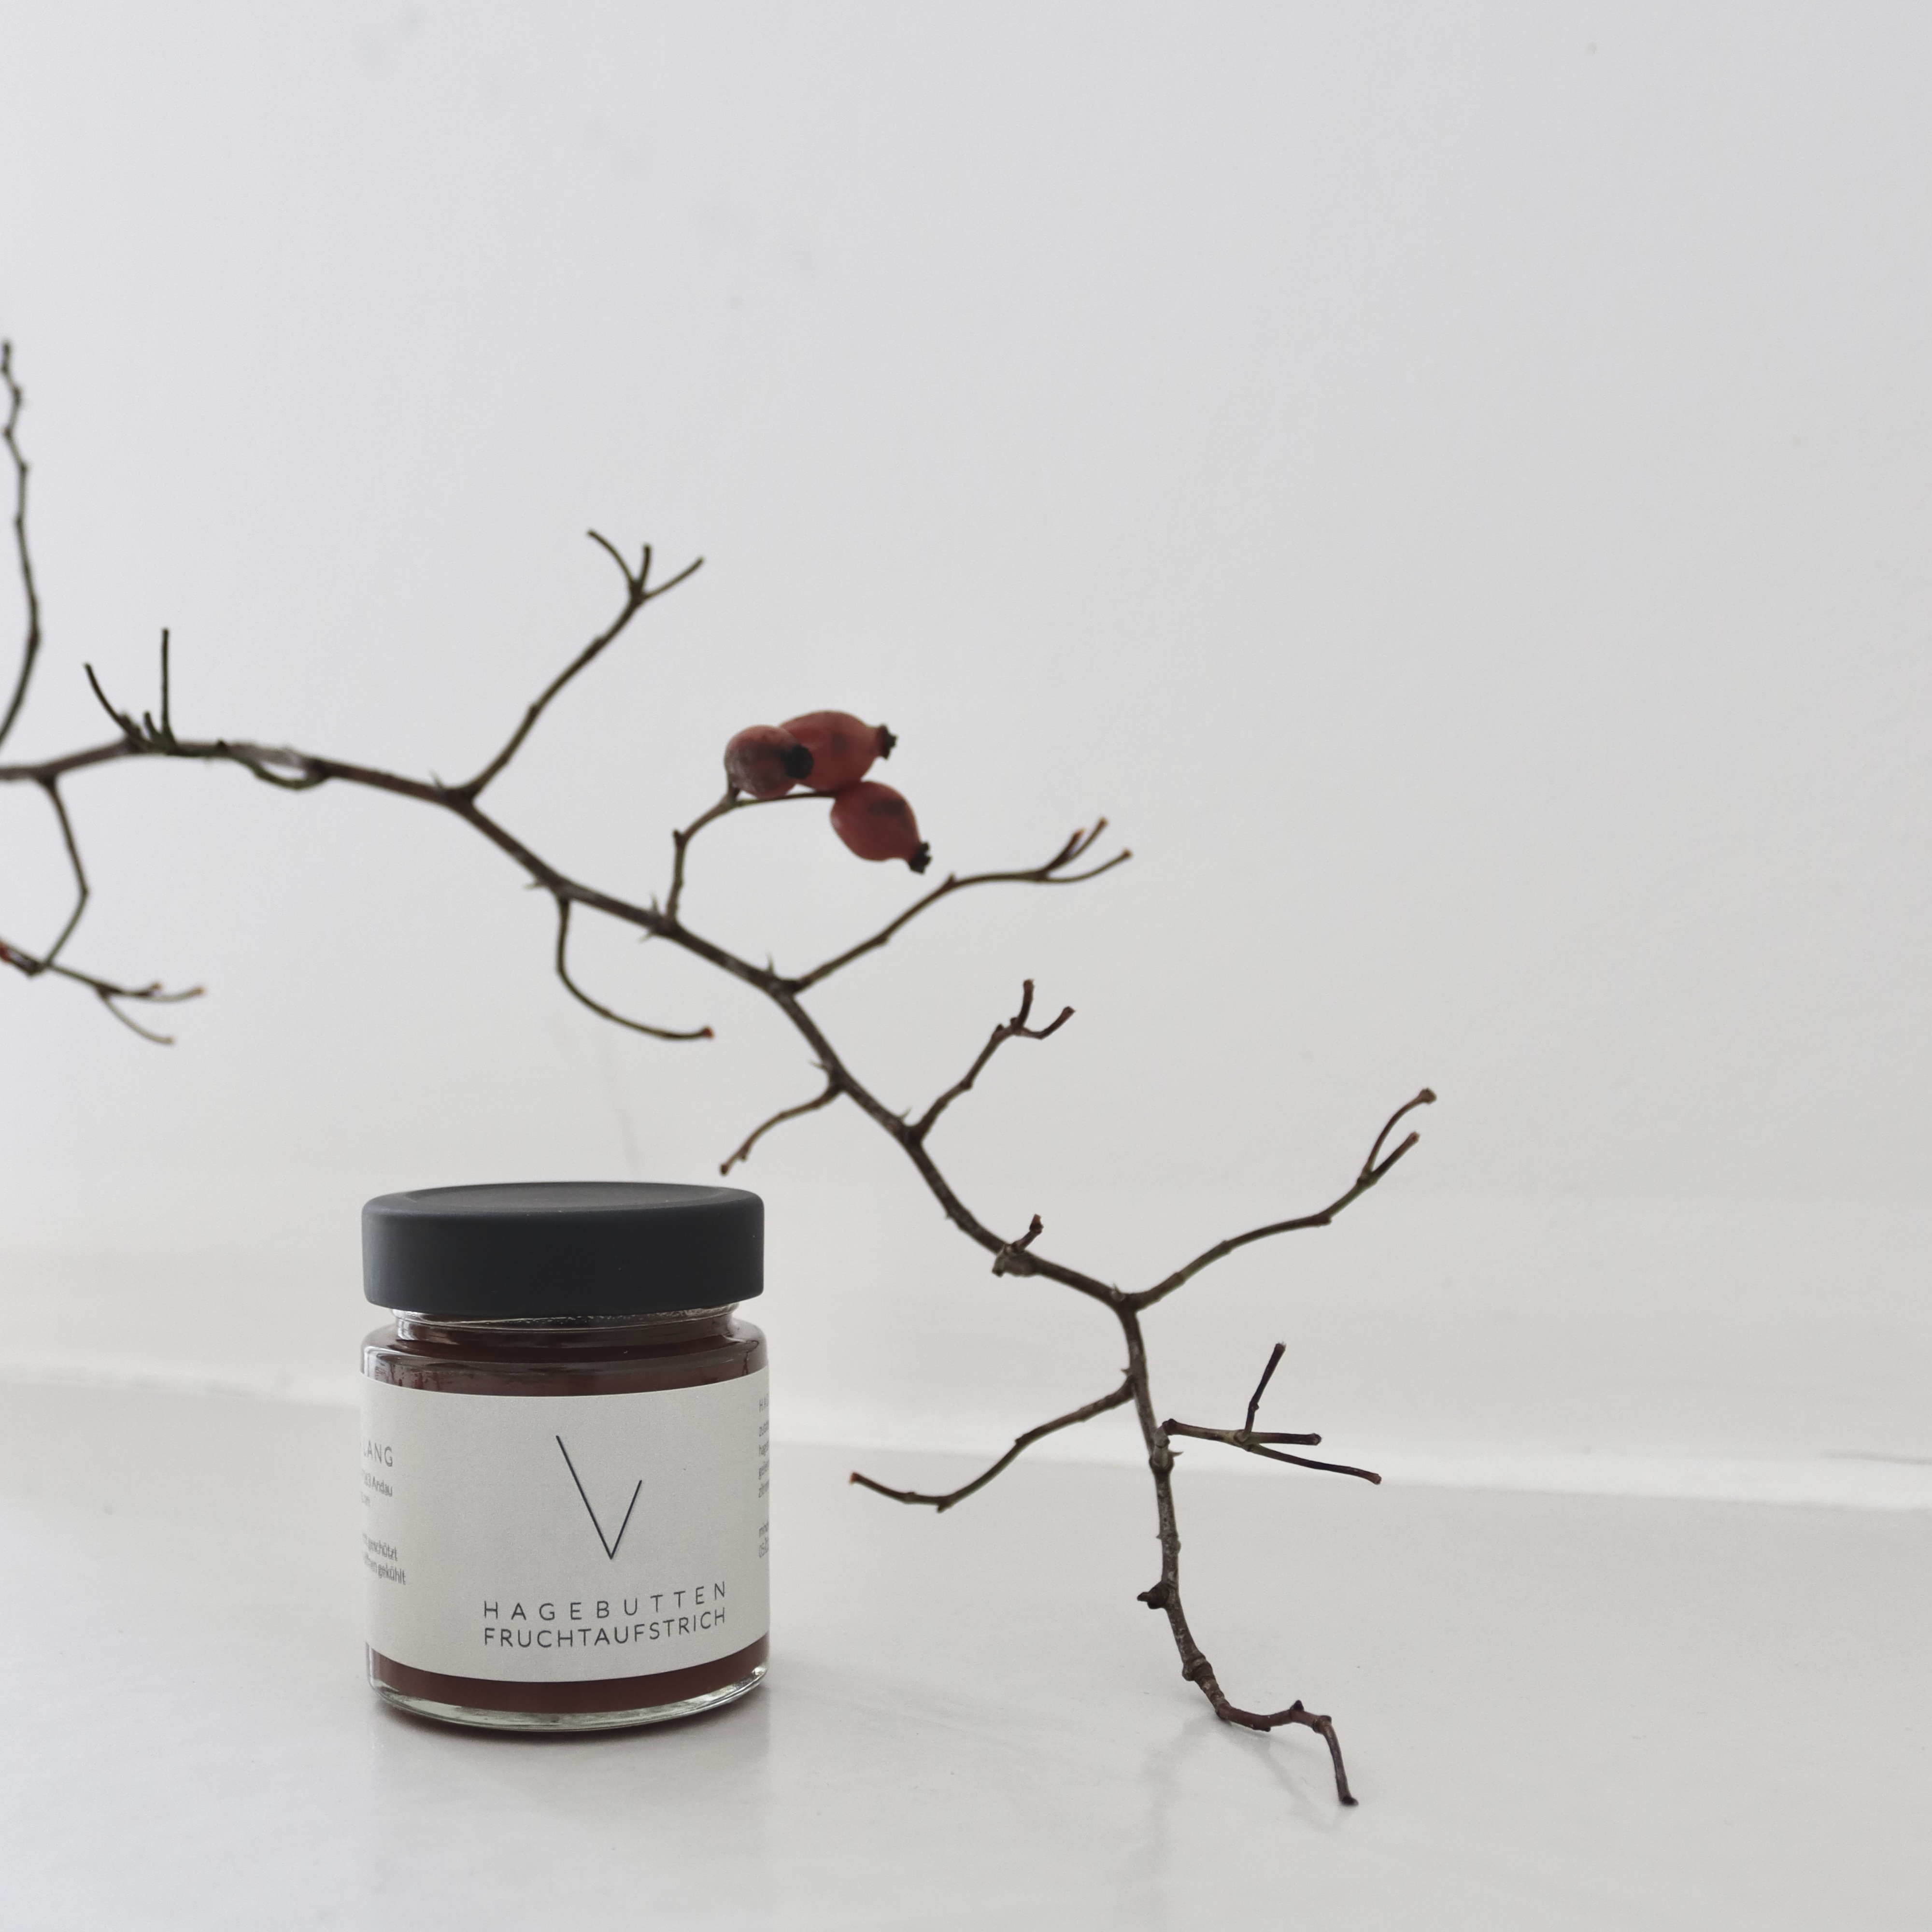 Hausgemachte Hagebutten Marmelade aus dem Seewinkel online kaufen Online shop Burgenland Neusiedlersee